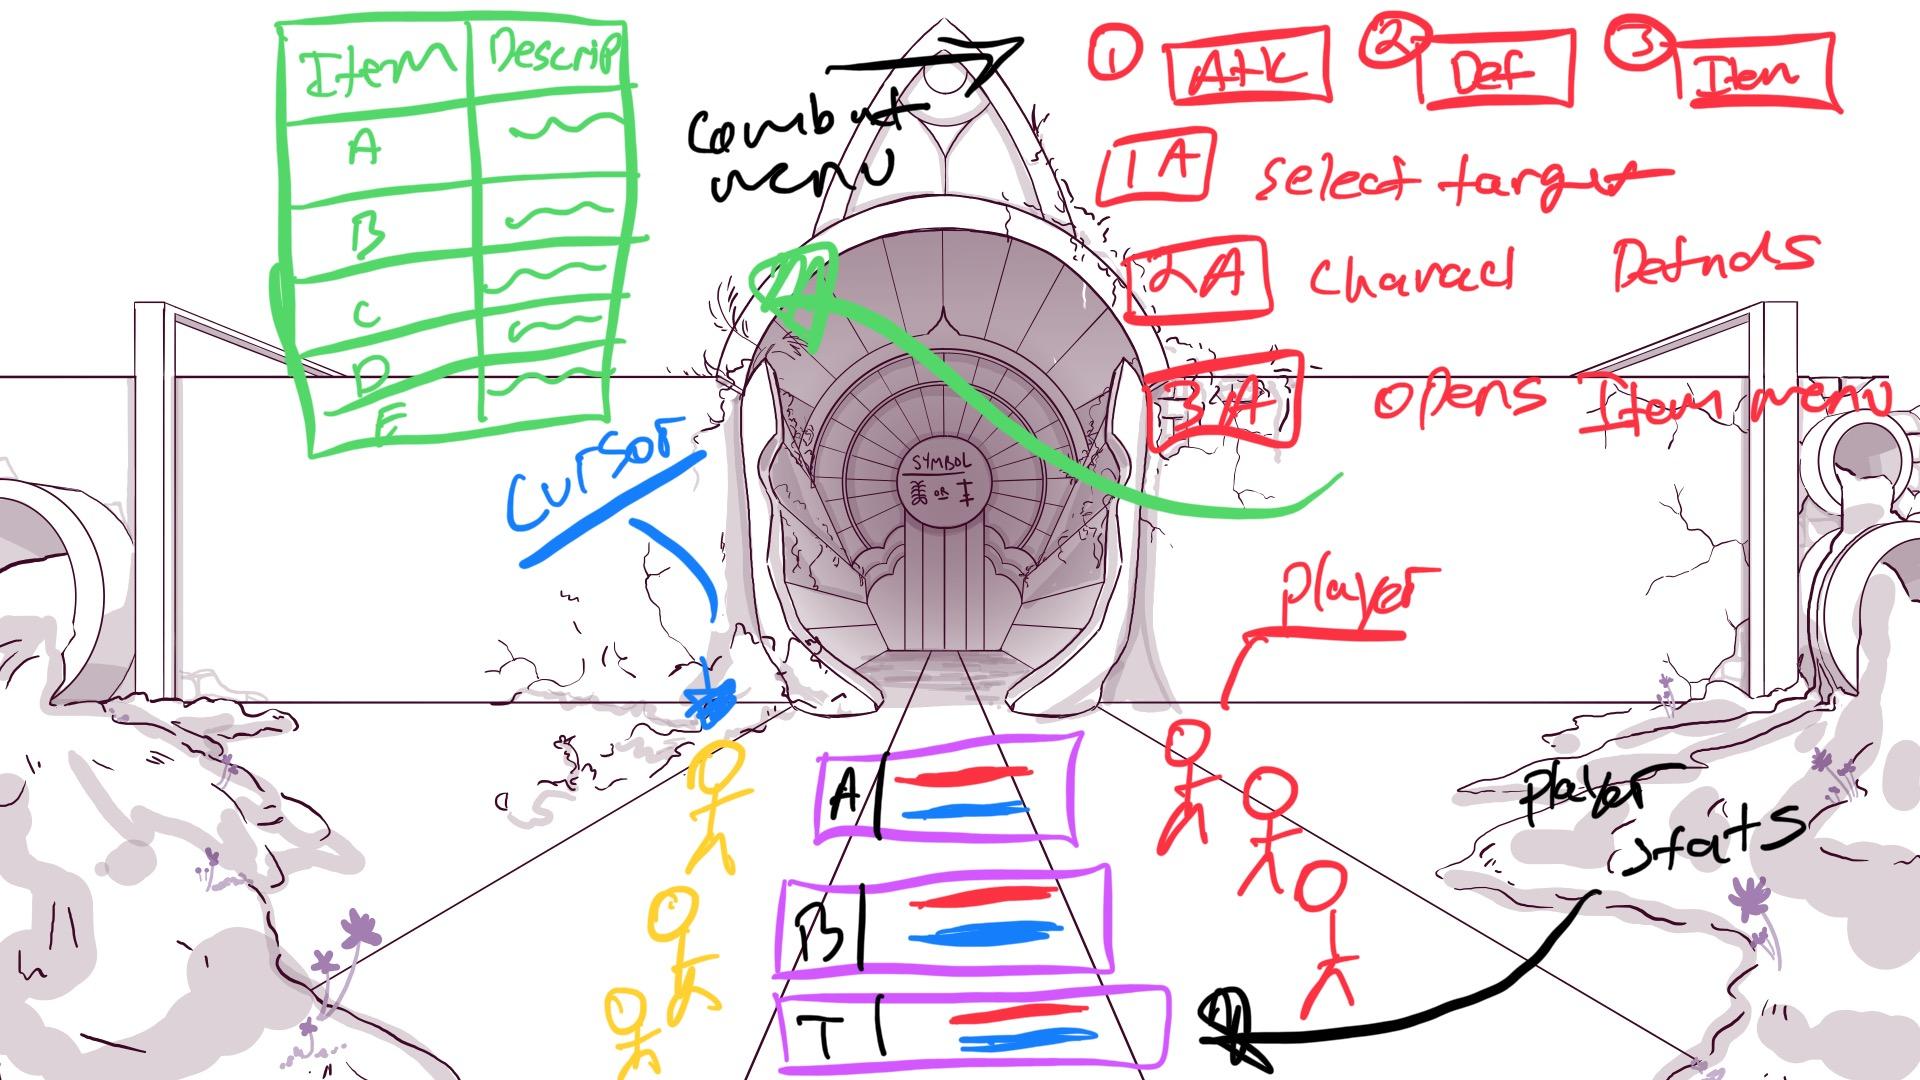 Combat UI Design Concept